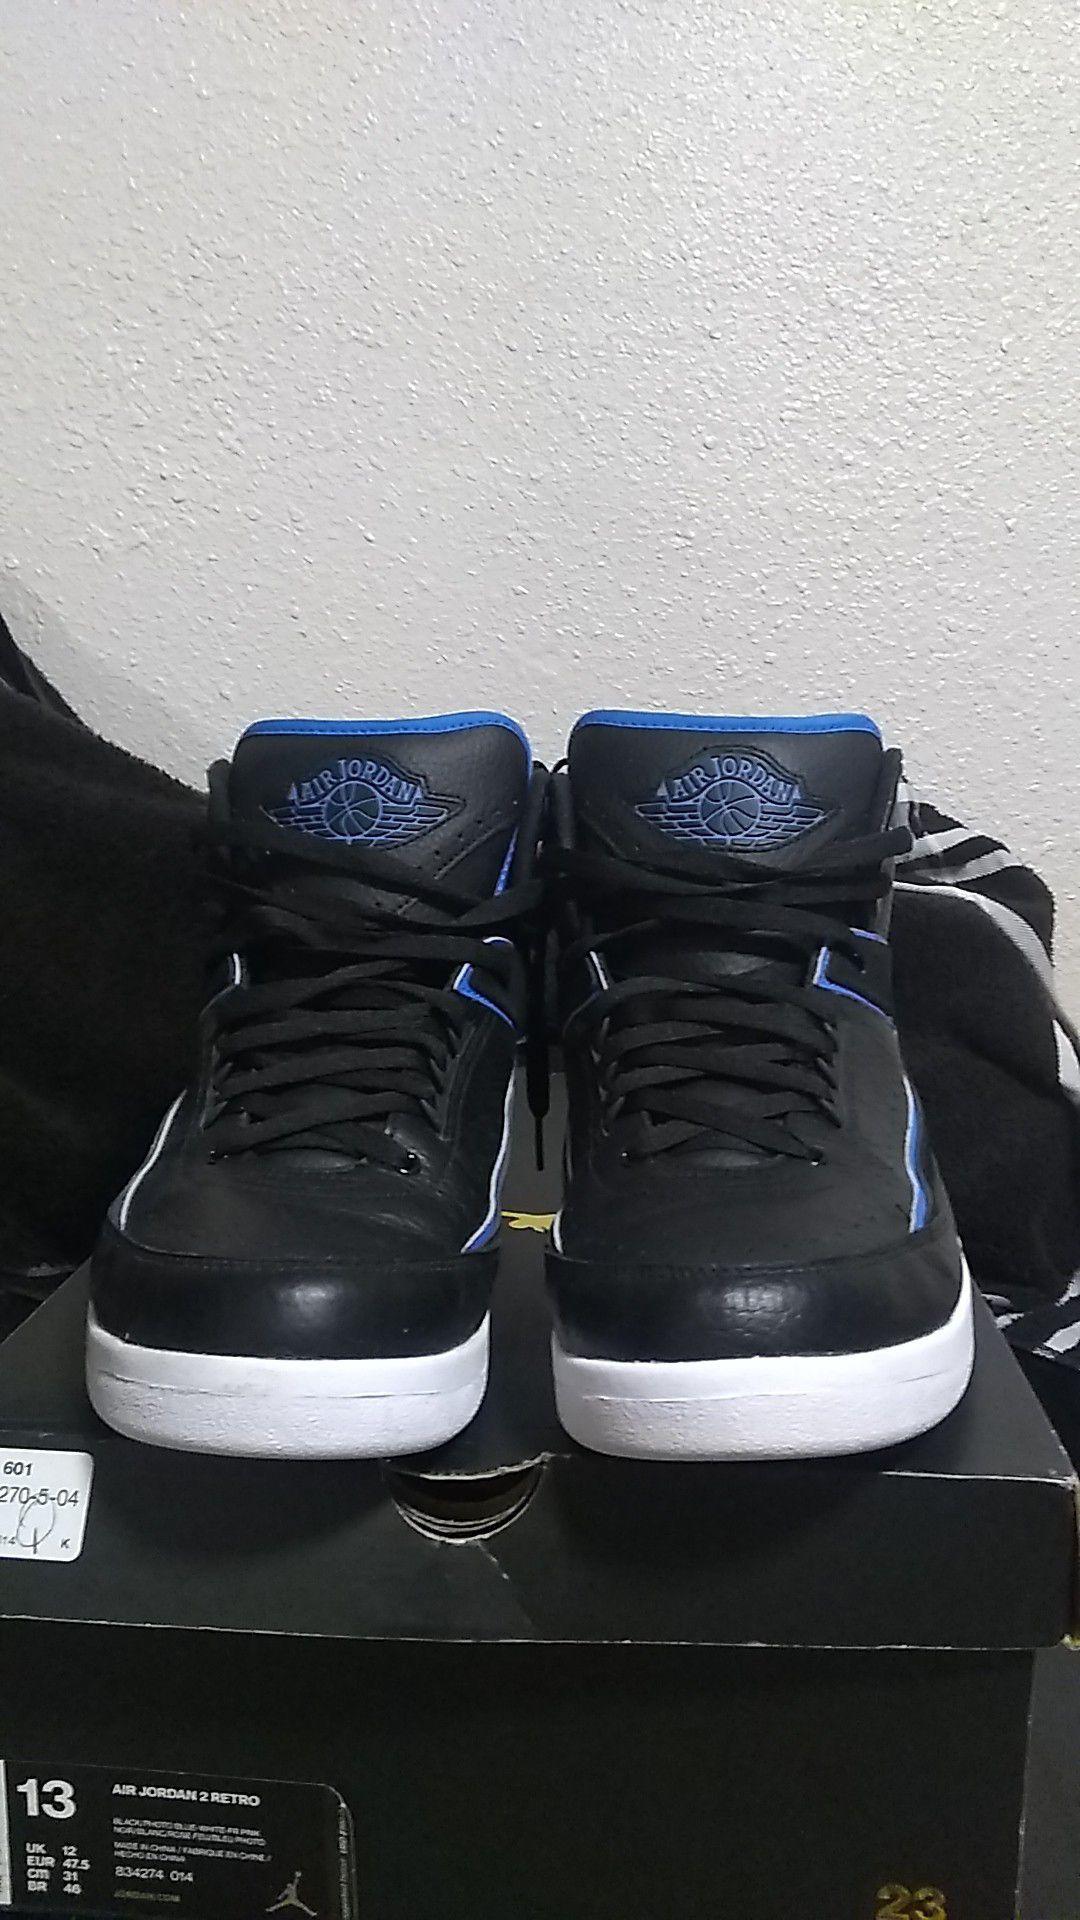 Jordan 2s